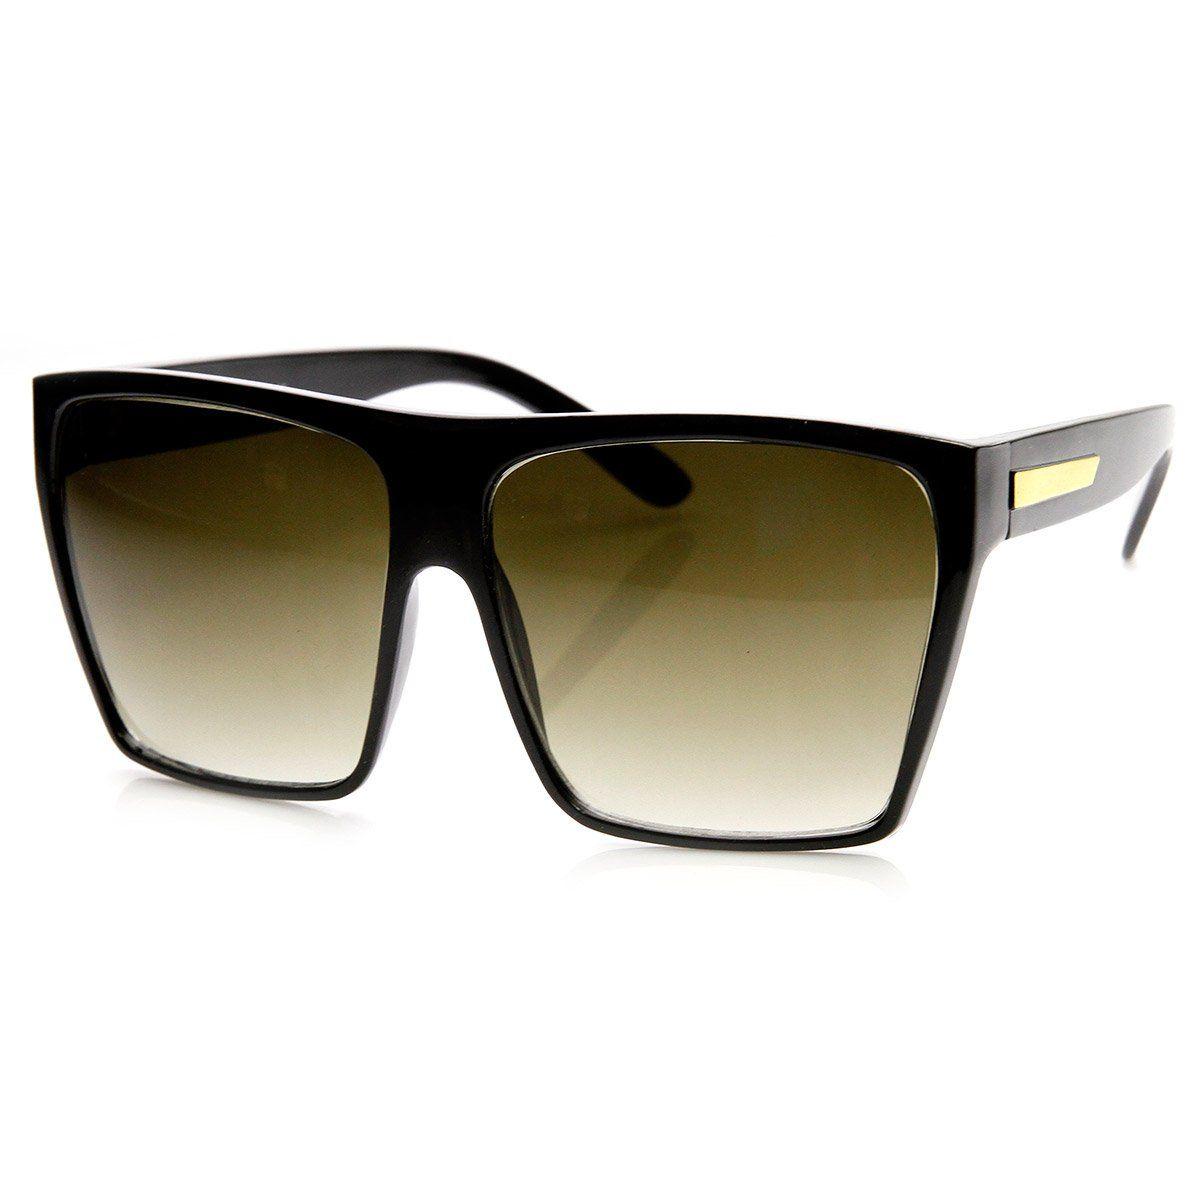 d29c947210 Large Oversized Retro Fashion Square Flat Top Sunglasses